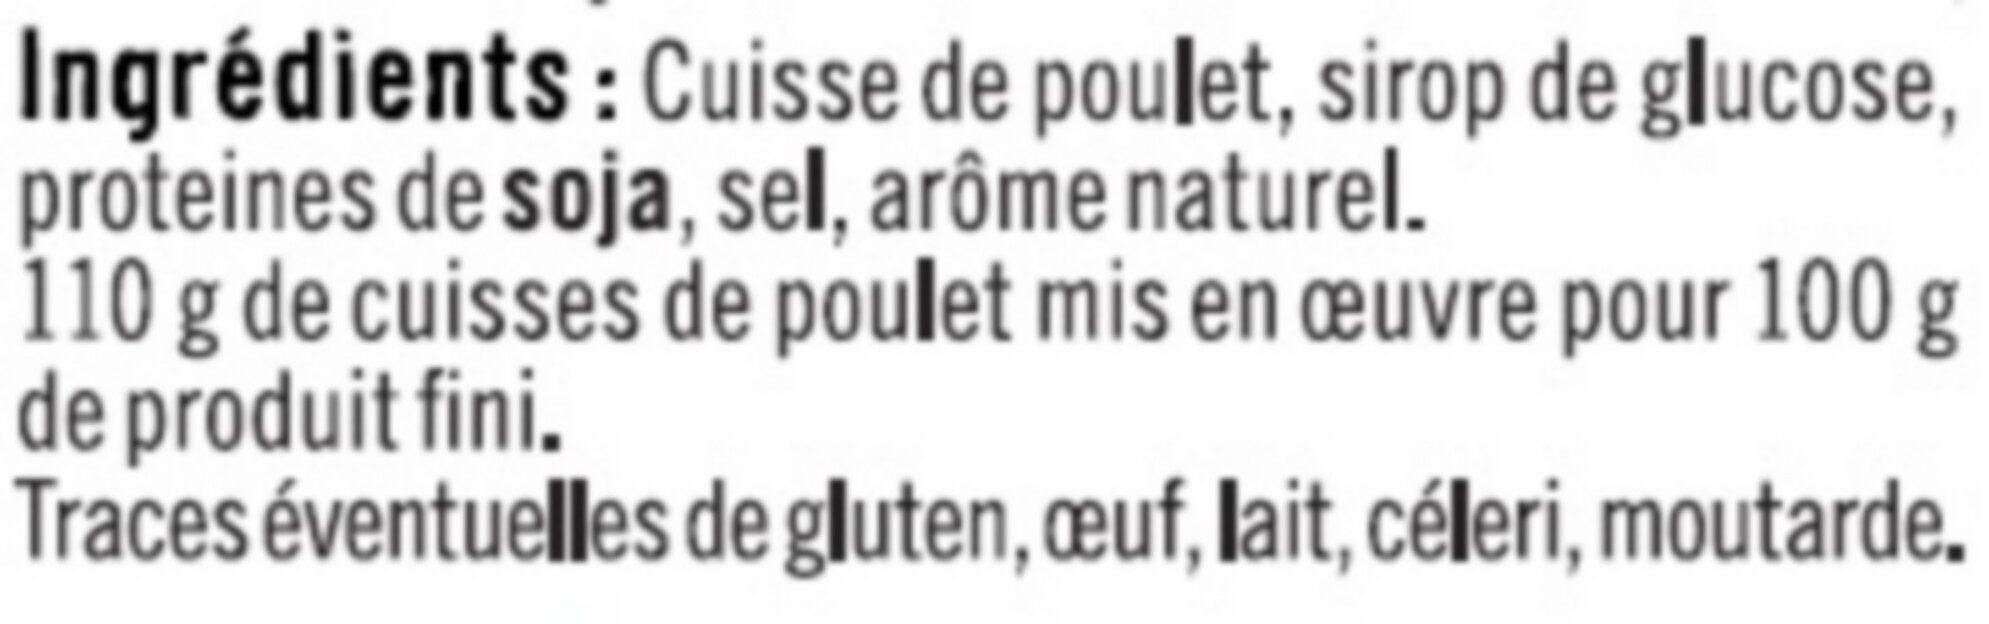 Cuisse de poulet rôtie - Ingrédients